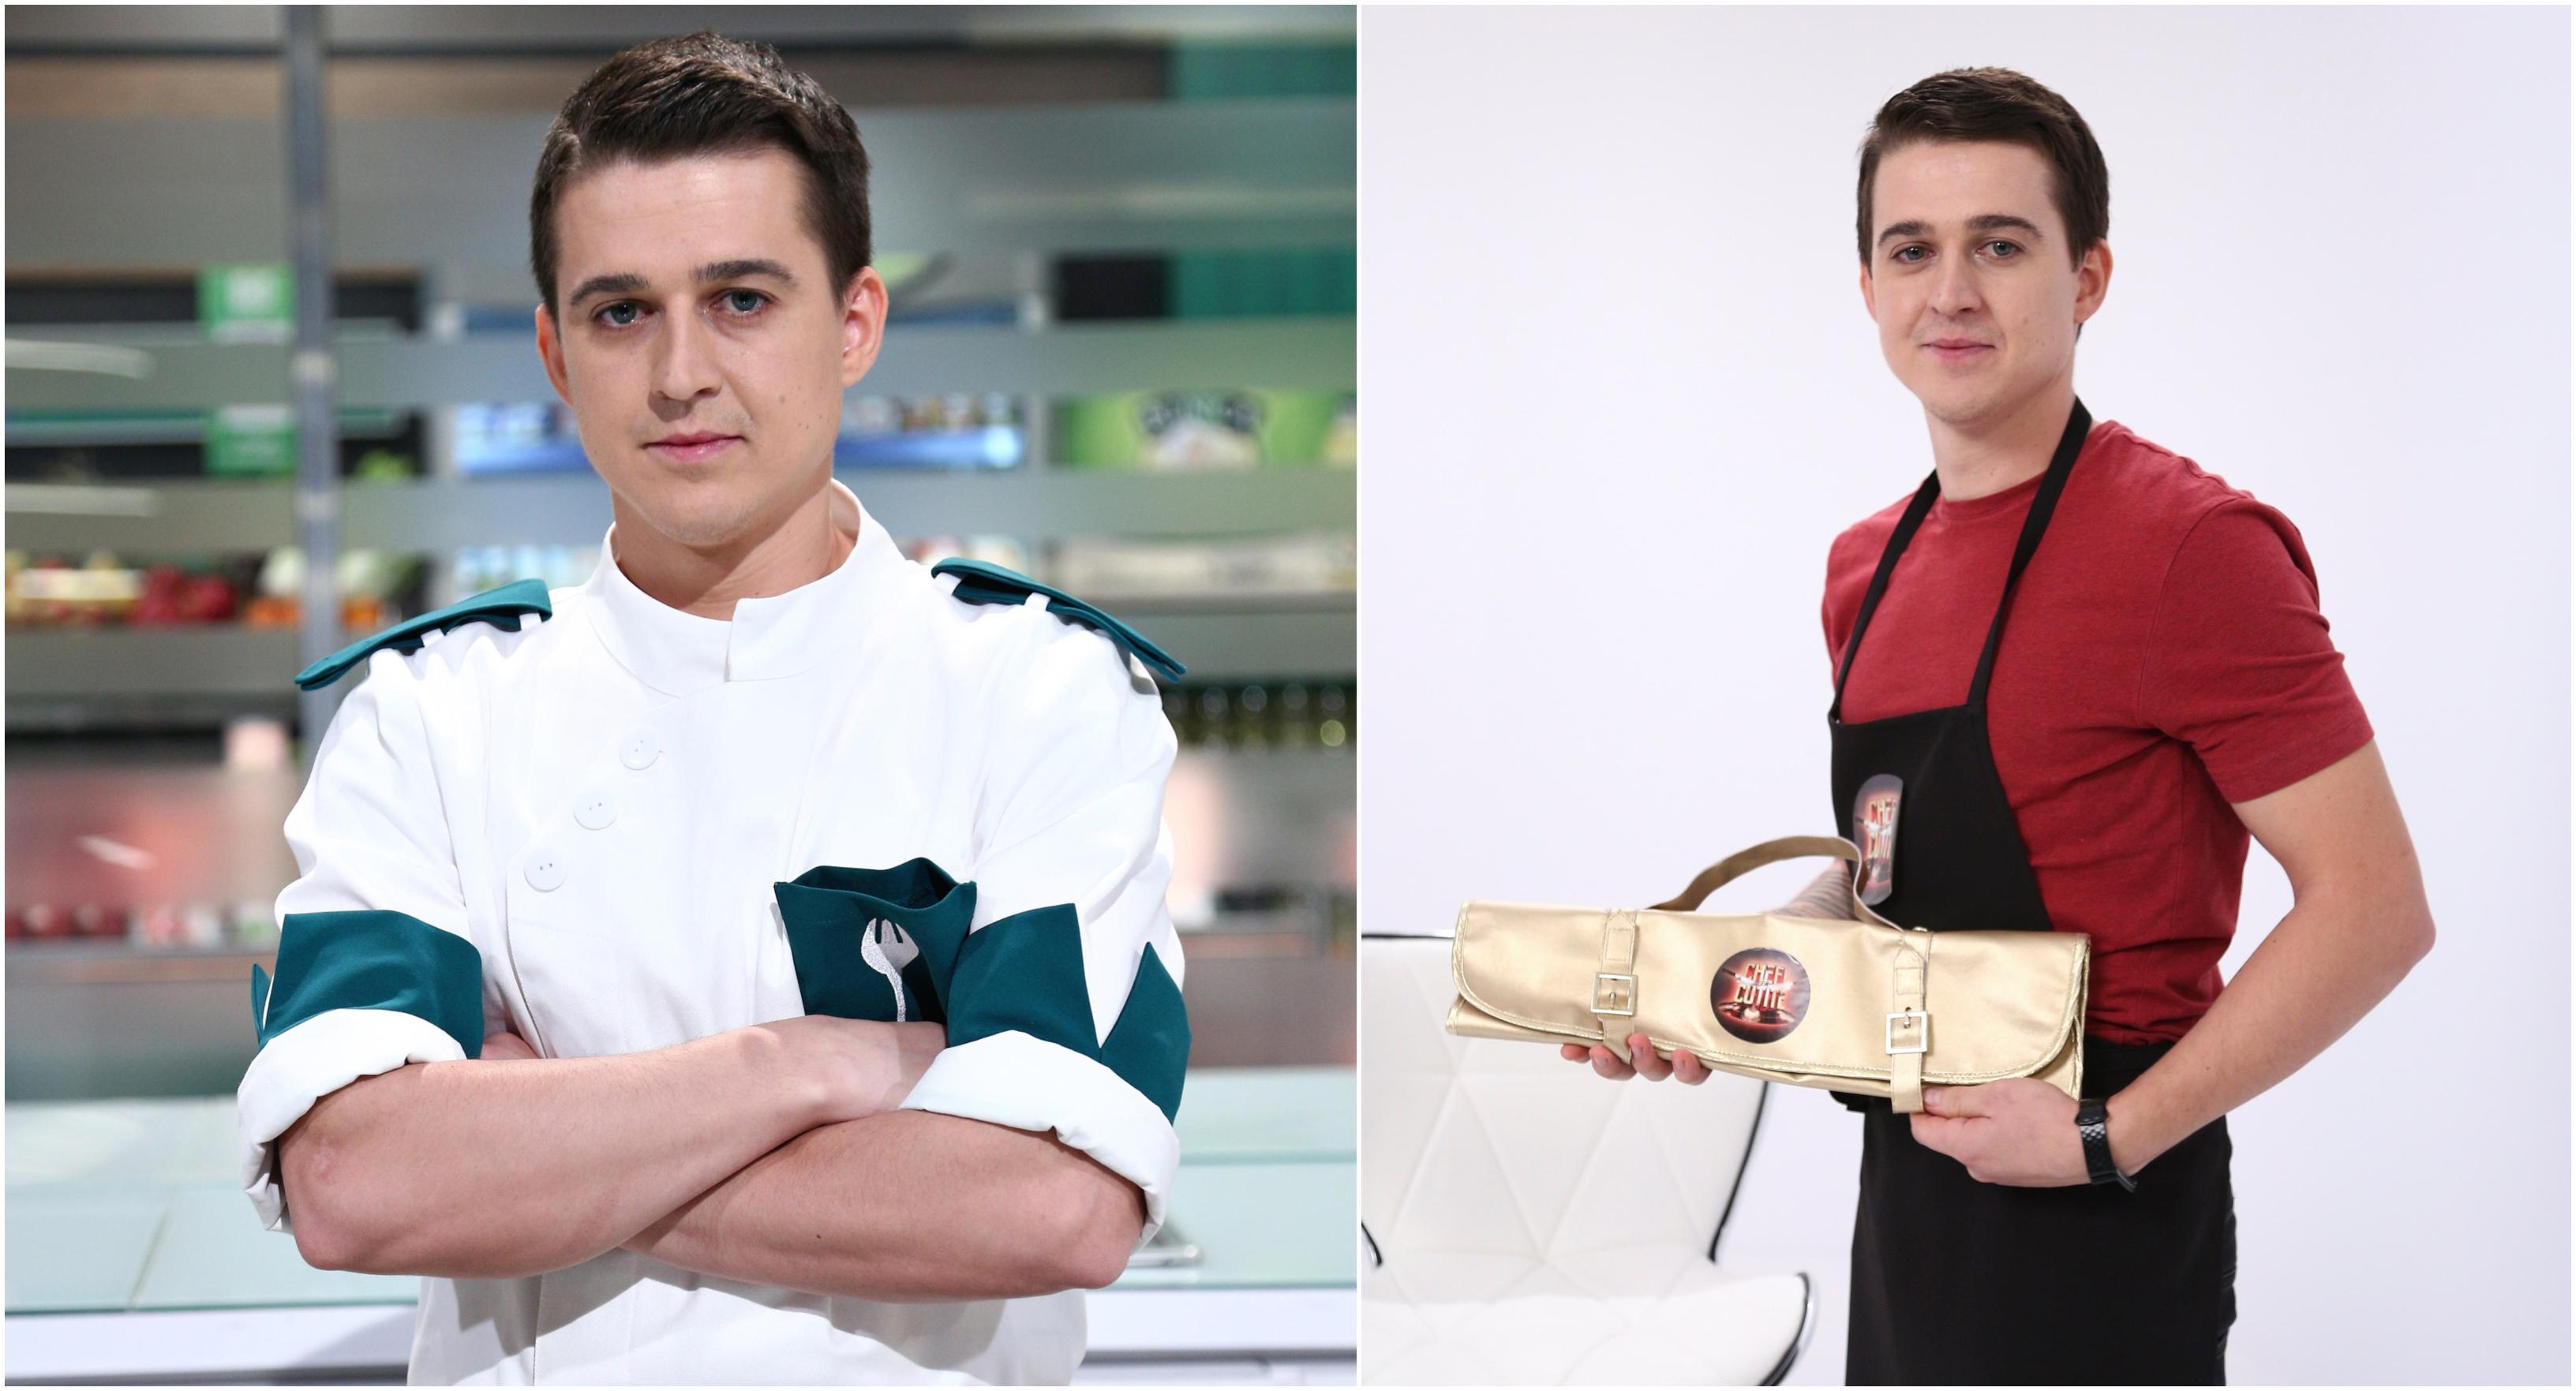 Chefi la cuțite 2021. Cum arată iubita lui Paul Vasile de la Chefi la Cuțite. Bucătarul se mândrește cu o șatenă superbă